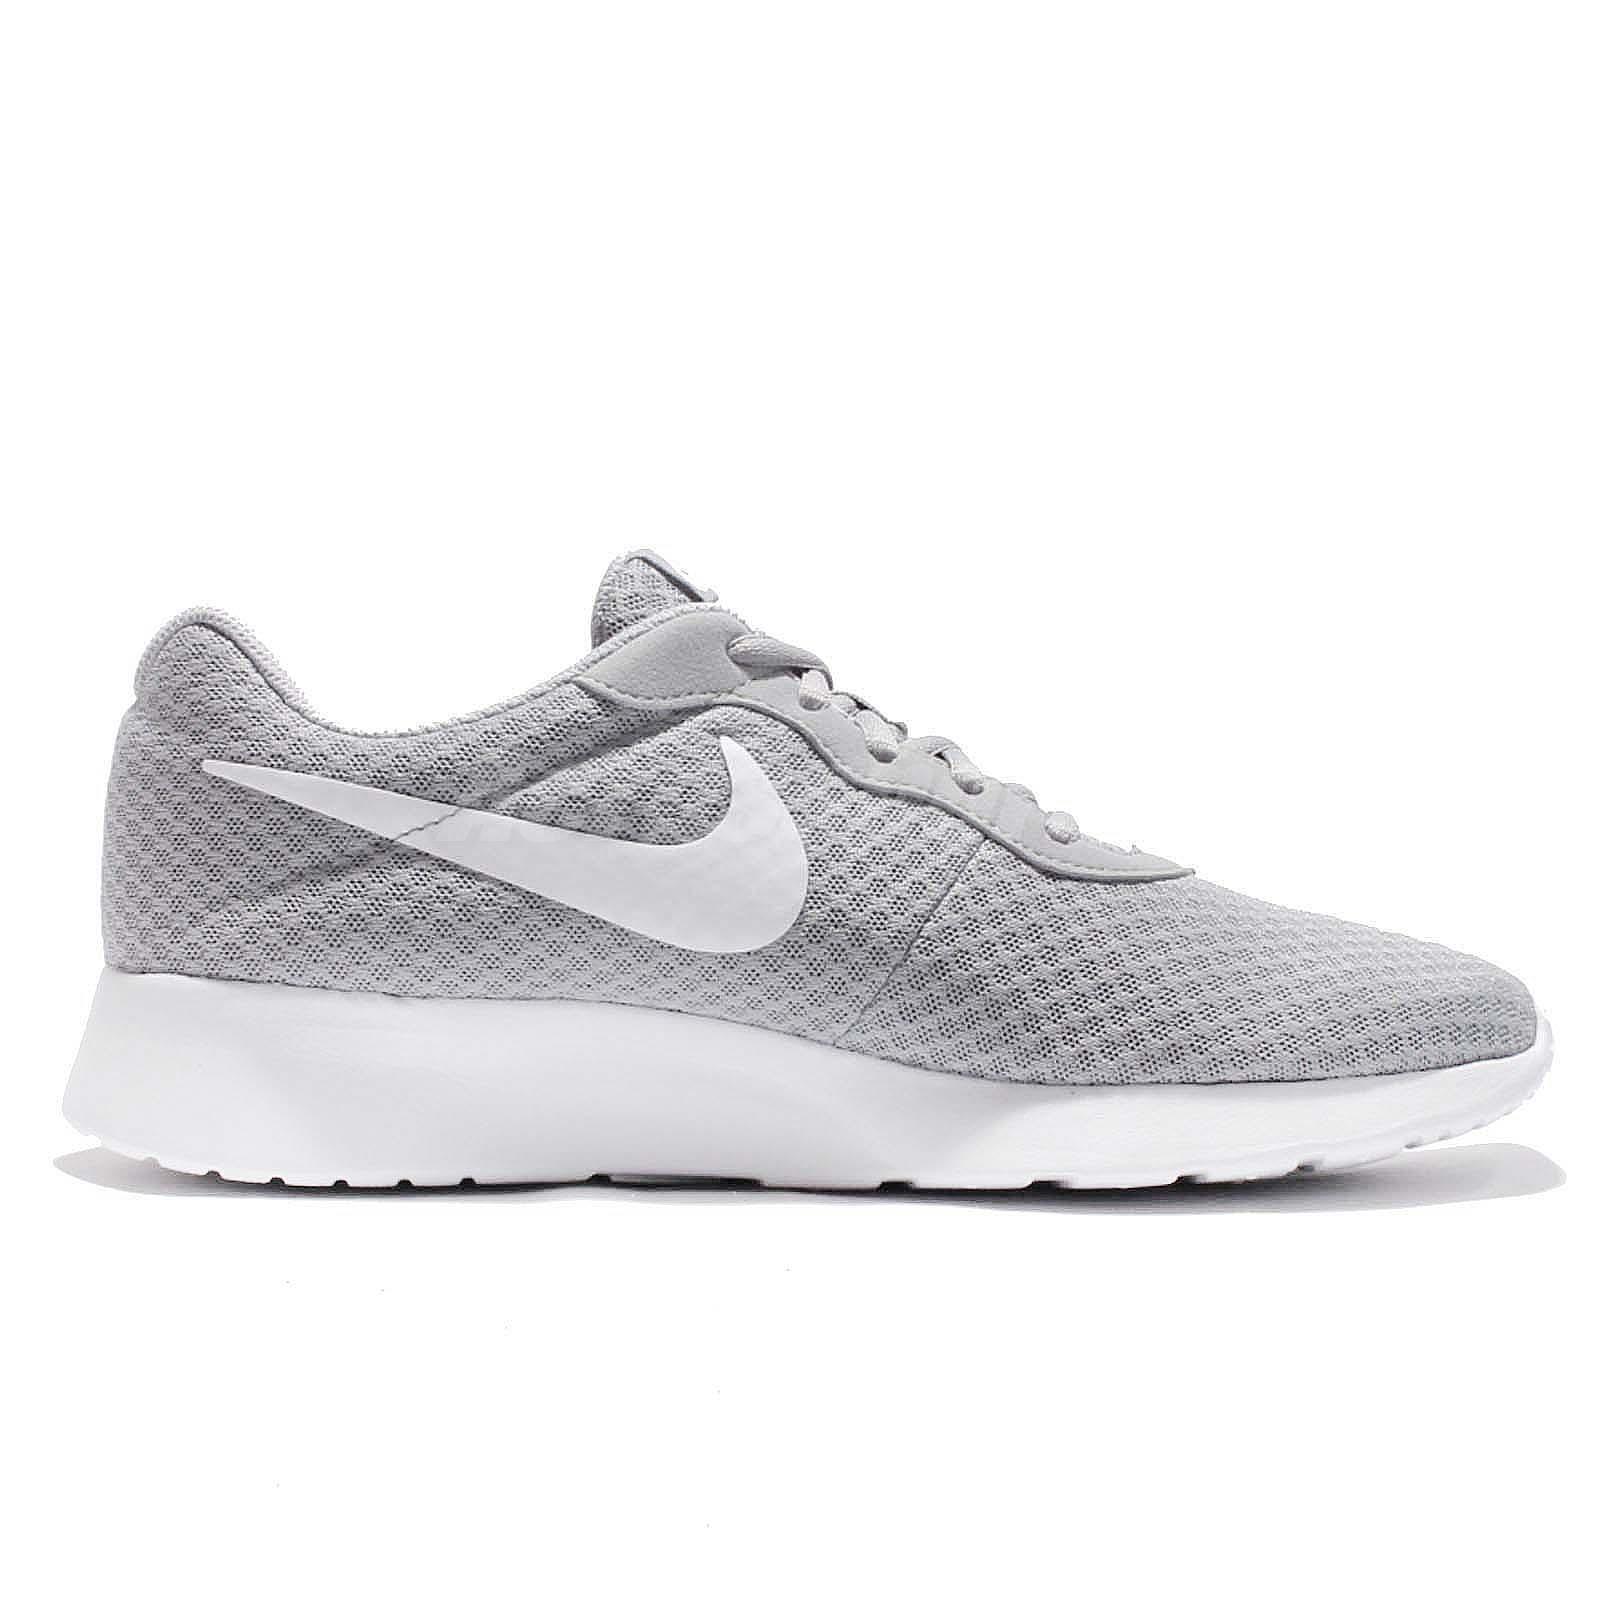 Nike Tanjun Wolf Grey White NSW Mens Running Shoes 812654-010  b1ea5640130